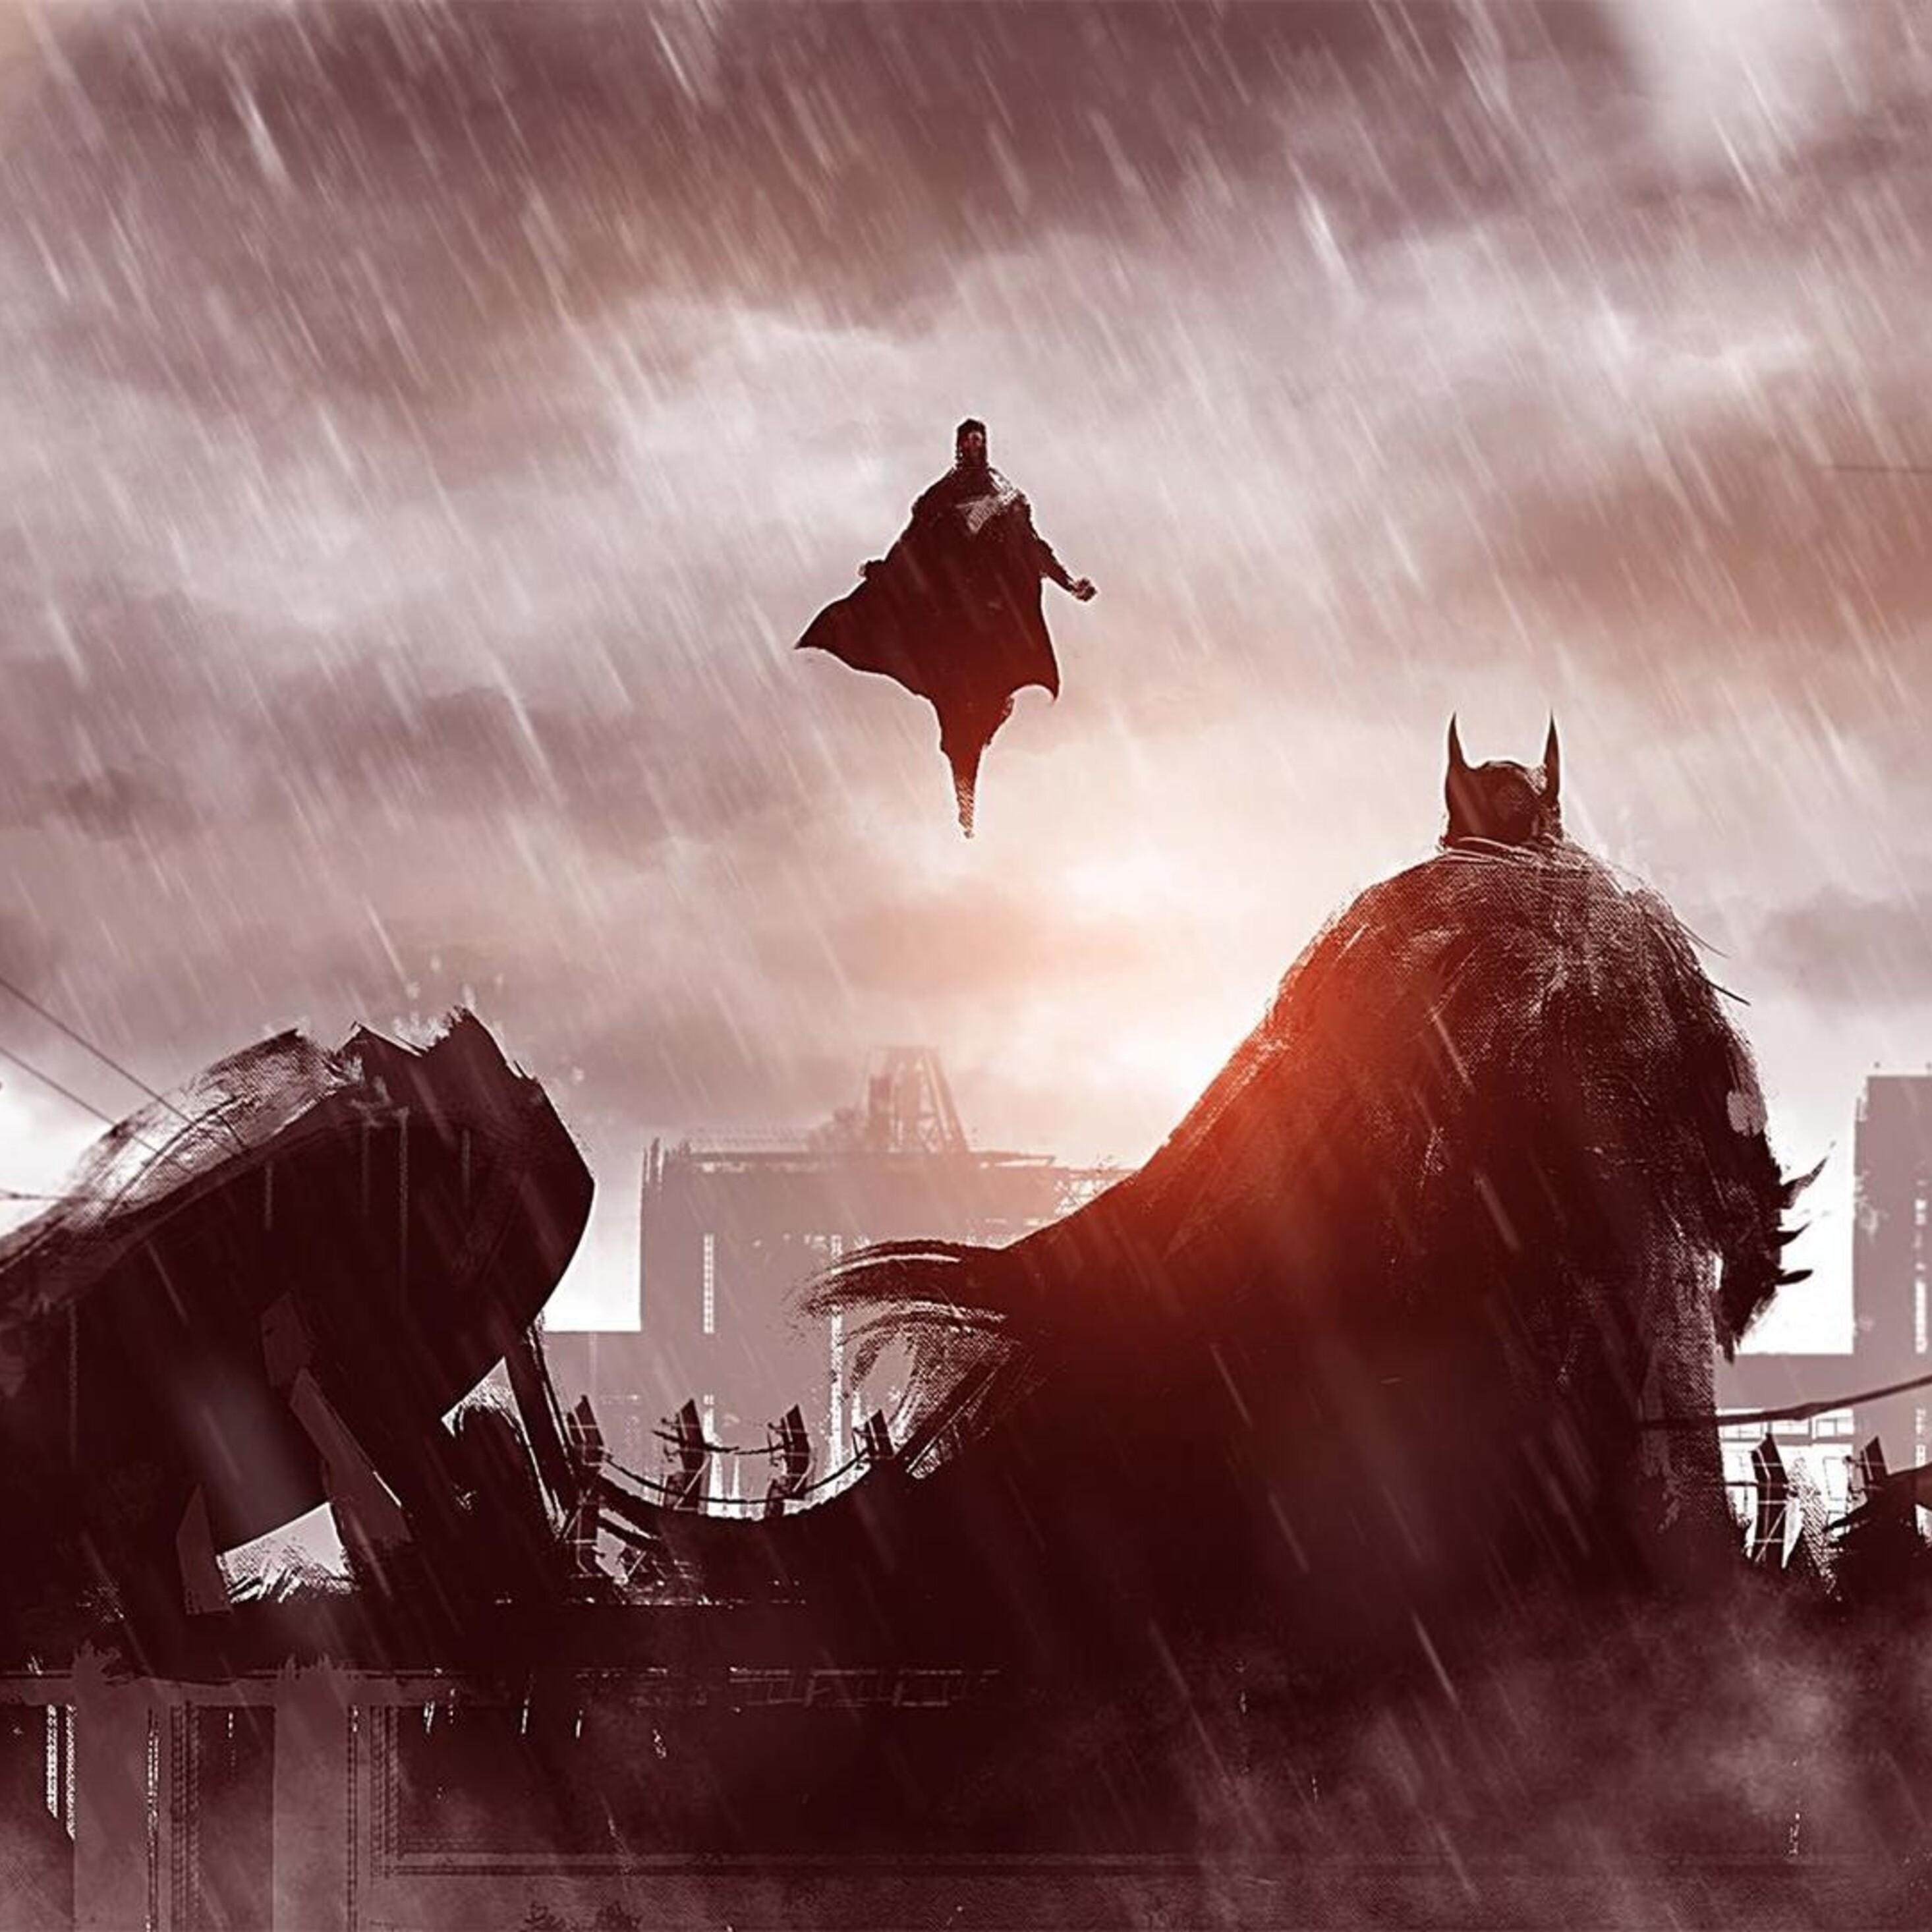 Superman 3d Wallpaper Download 2932x2932 Batman V Superman Concept Art Ipad Pro Retina